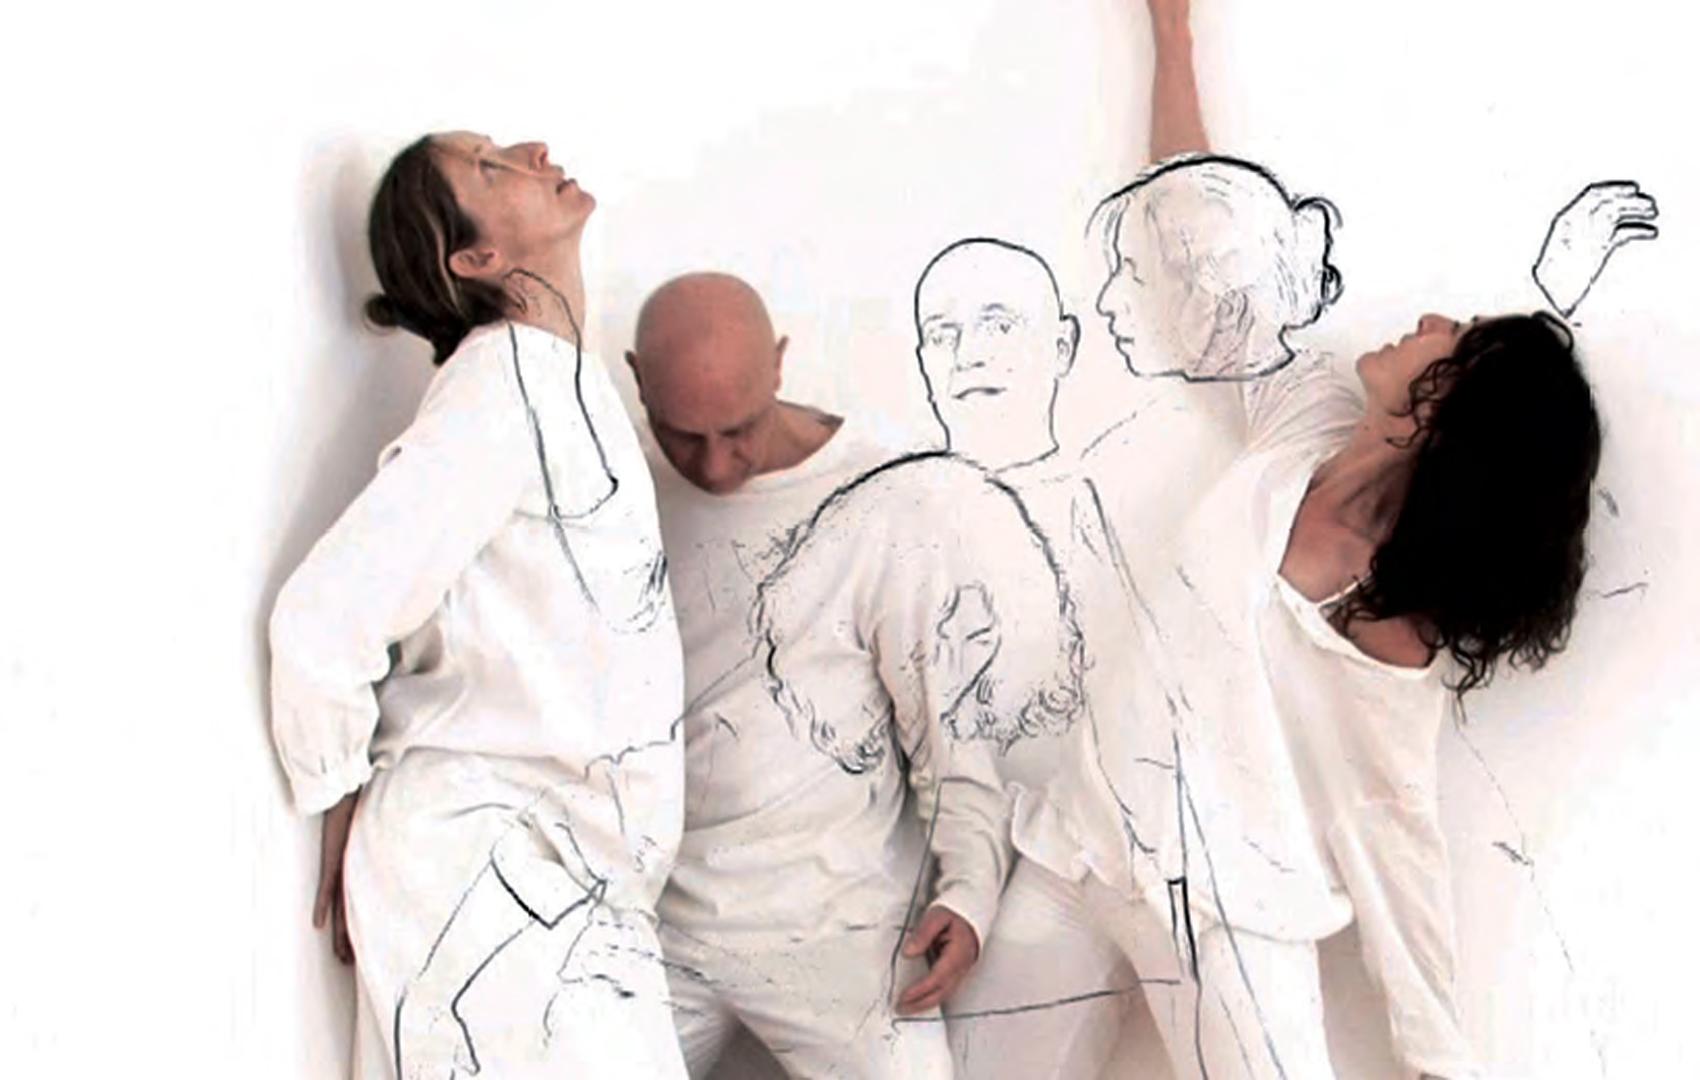 ©, Bello Benischauer and Elisabeth Maria Eitelberger, Art in Process